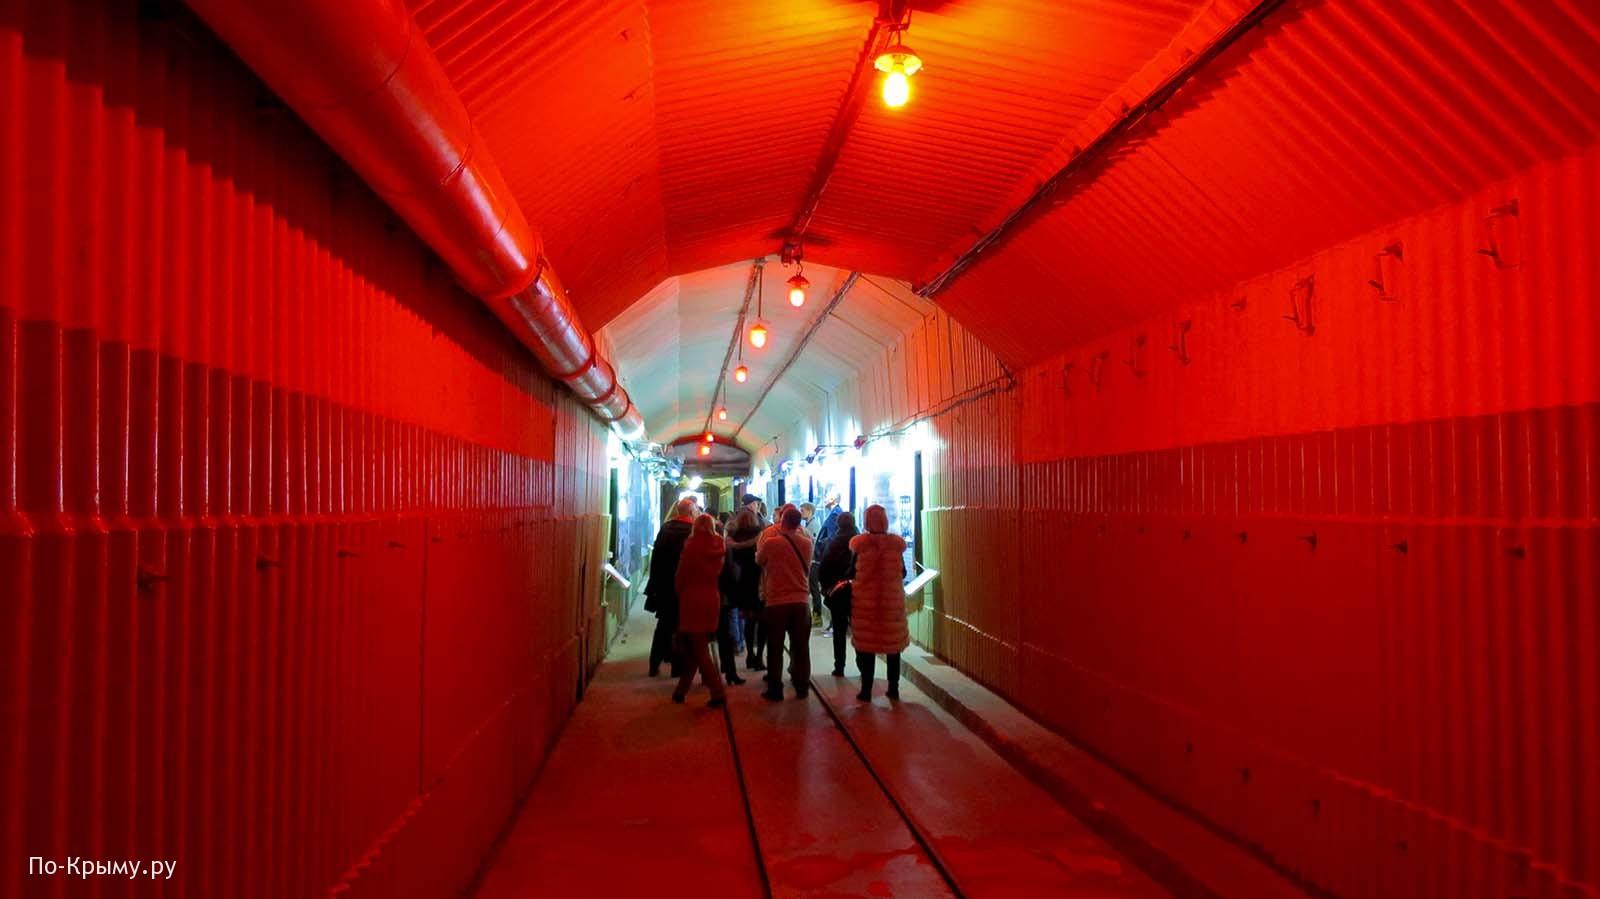 Подземная база подводных лодок в Балаклаве